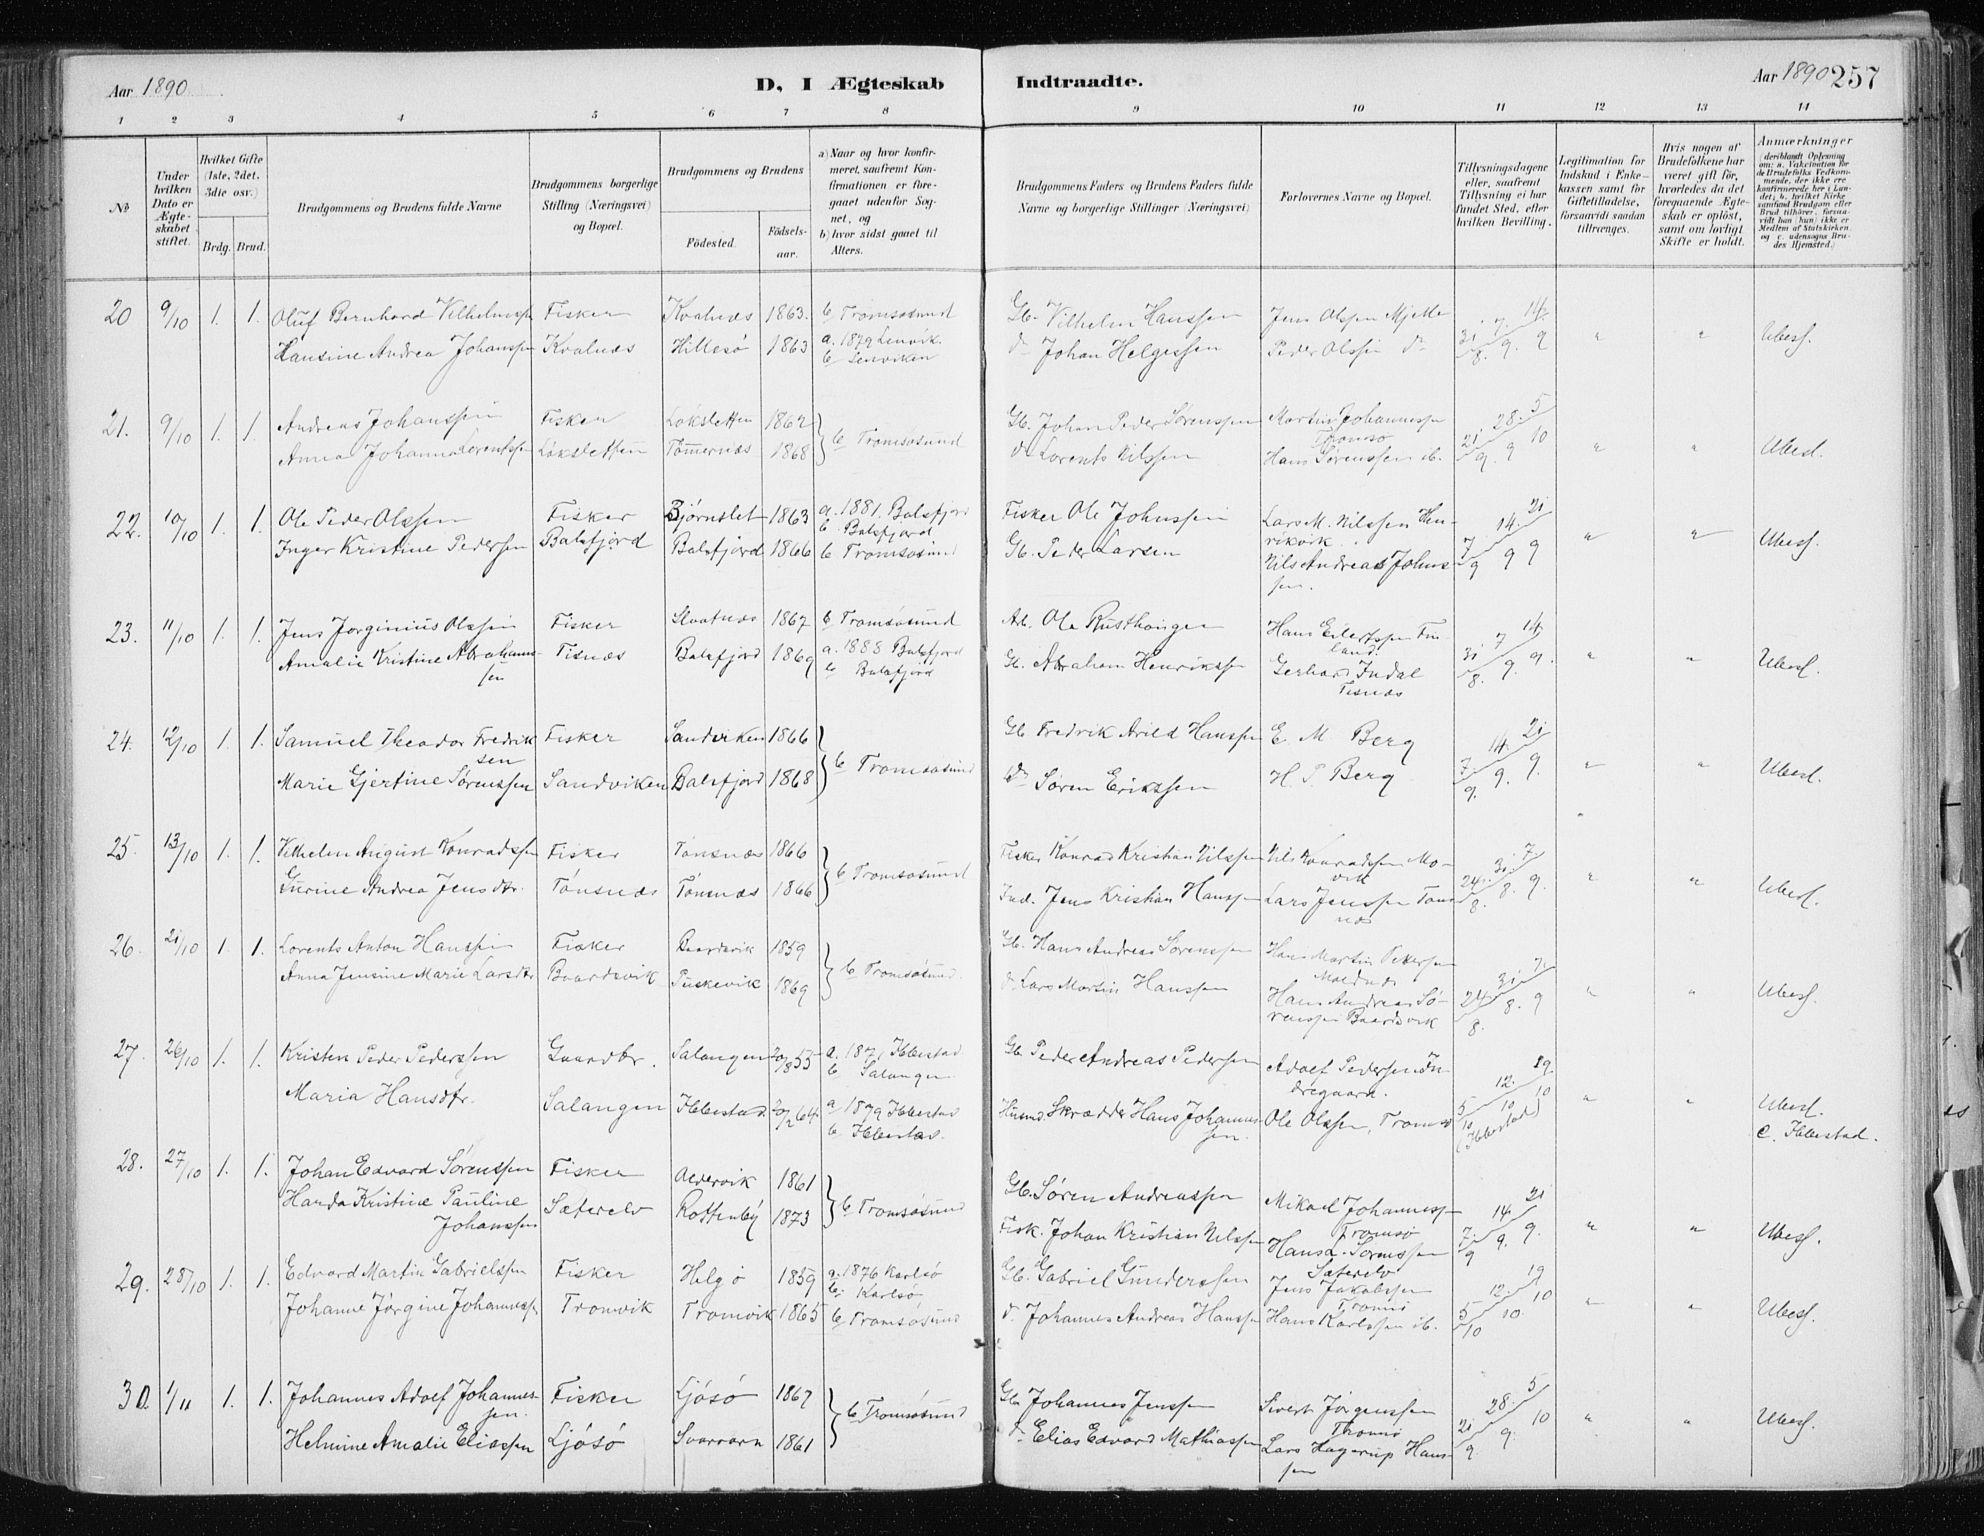 SATØ, Tromsøysund sokneprestkontor, G/Ga/L0005kirke: Ministerialbok nr. 5, 1888-1896, s. 257